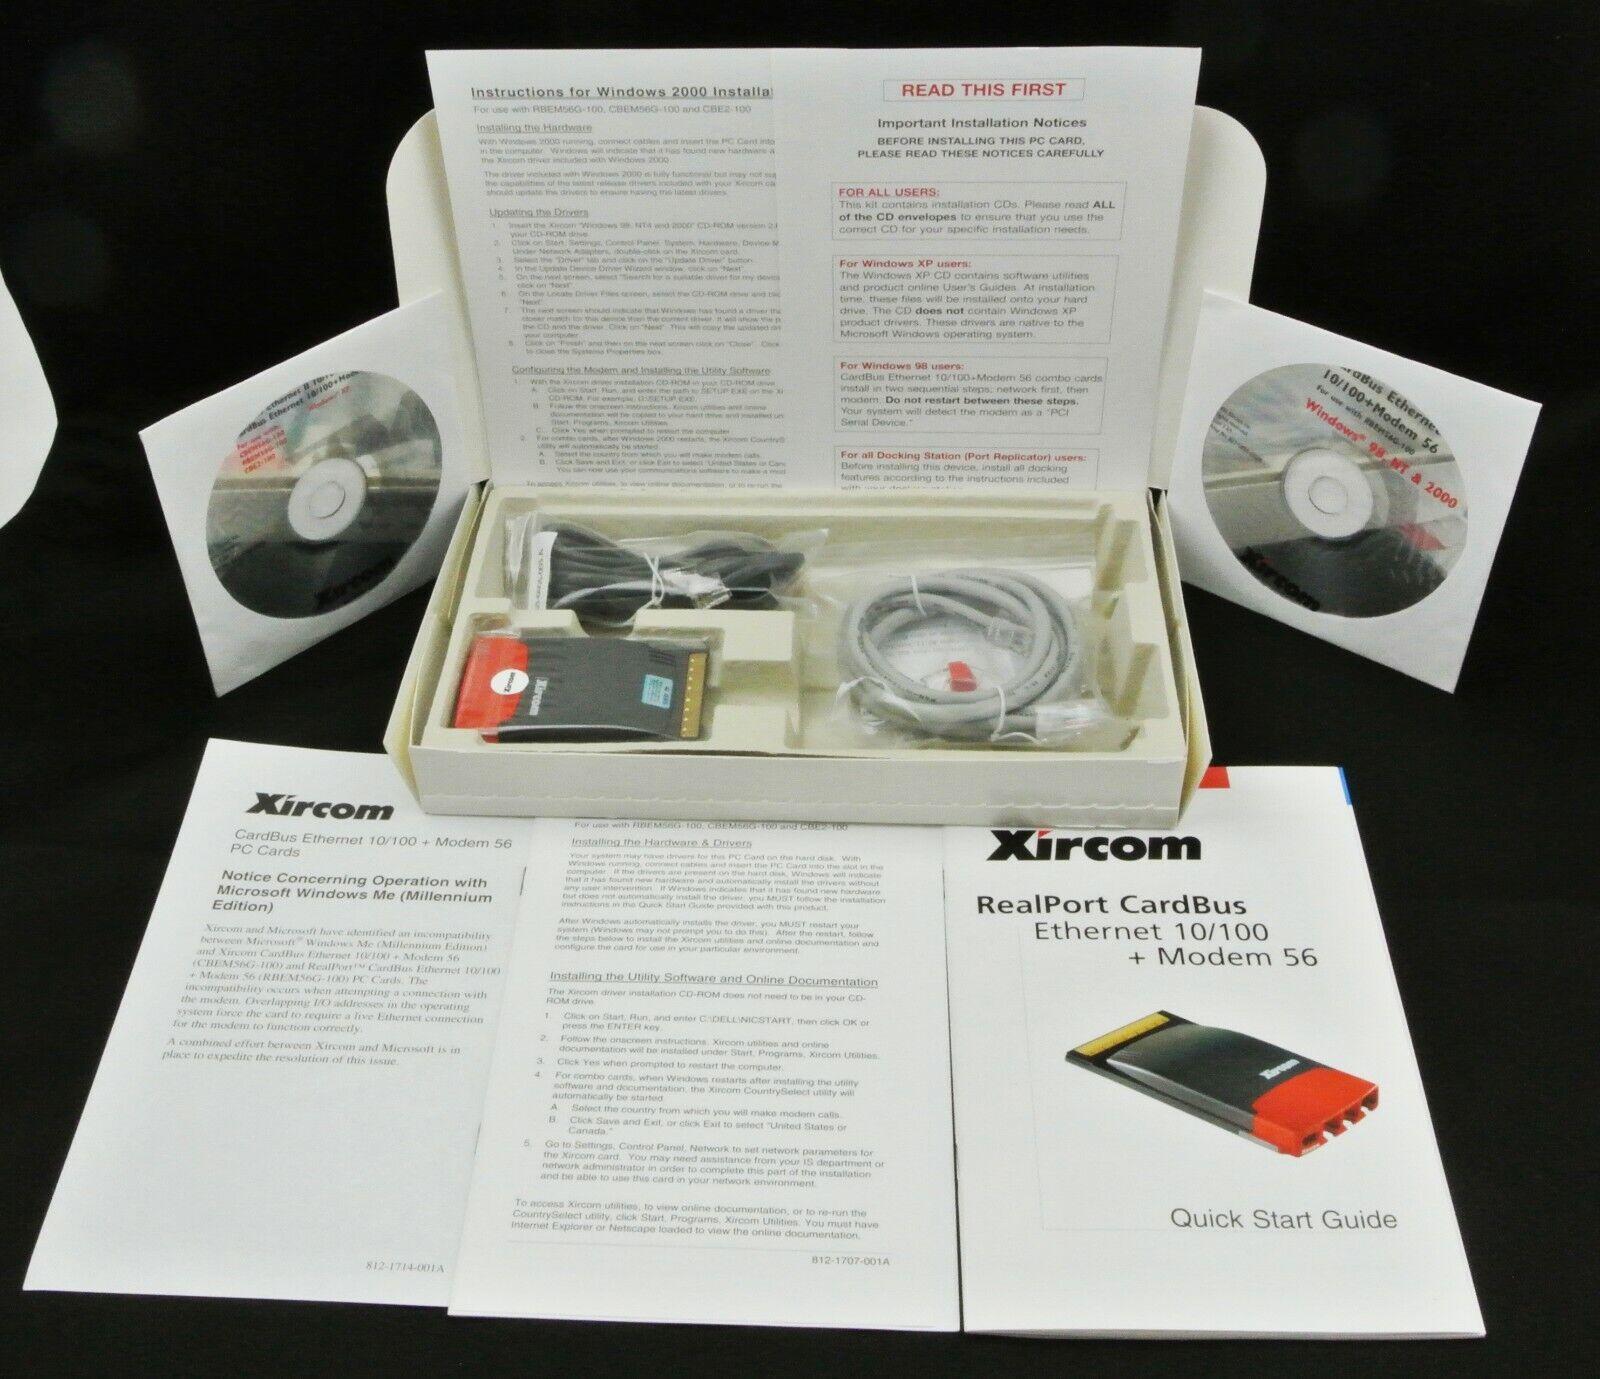 Xircom RealPort CardBus Ethernet 10/100 + Modem RBEM56G-100 NEW Shipped Daily